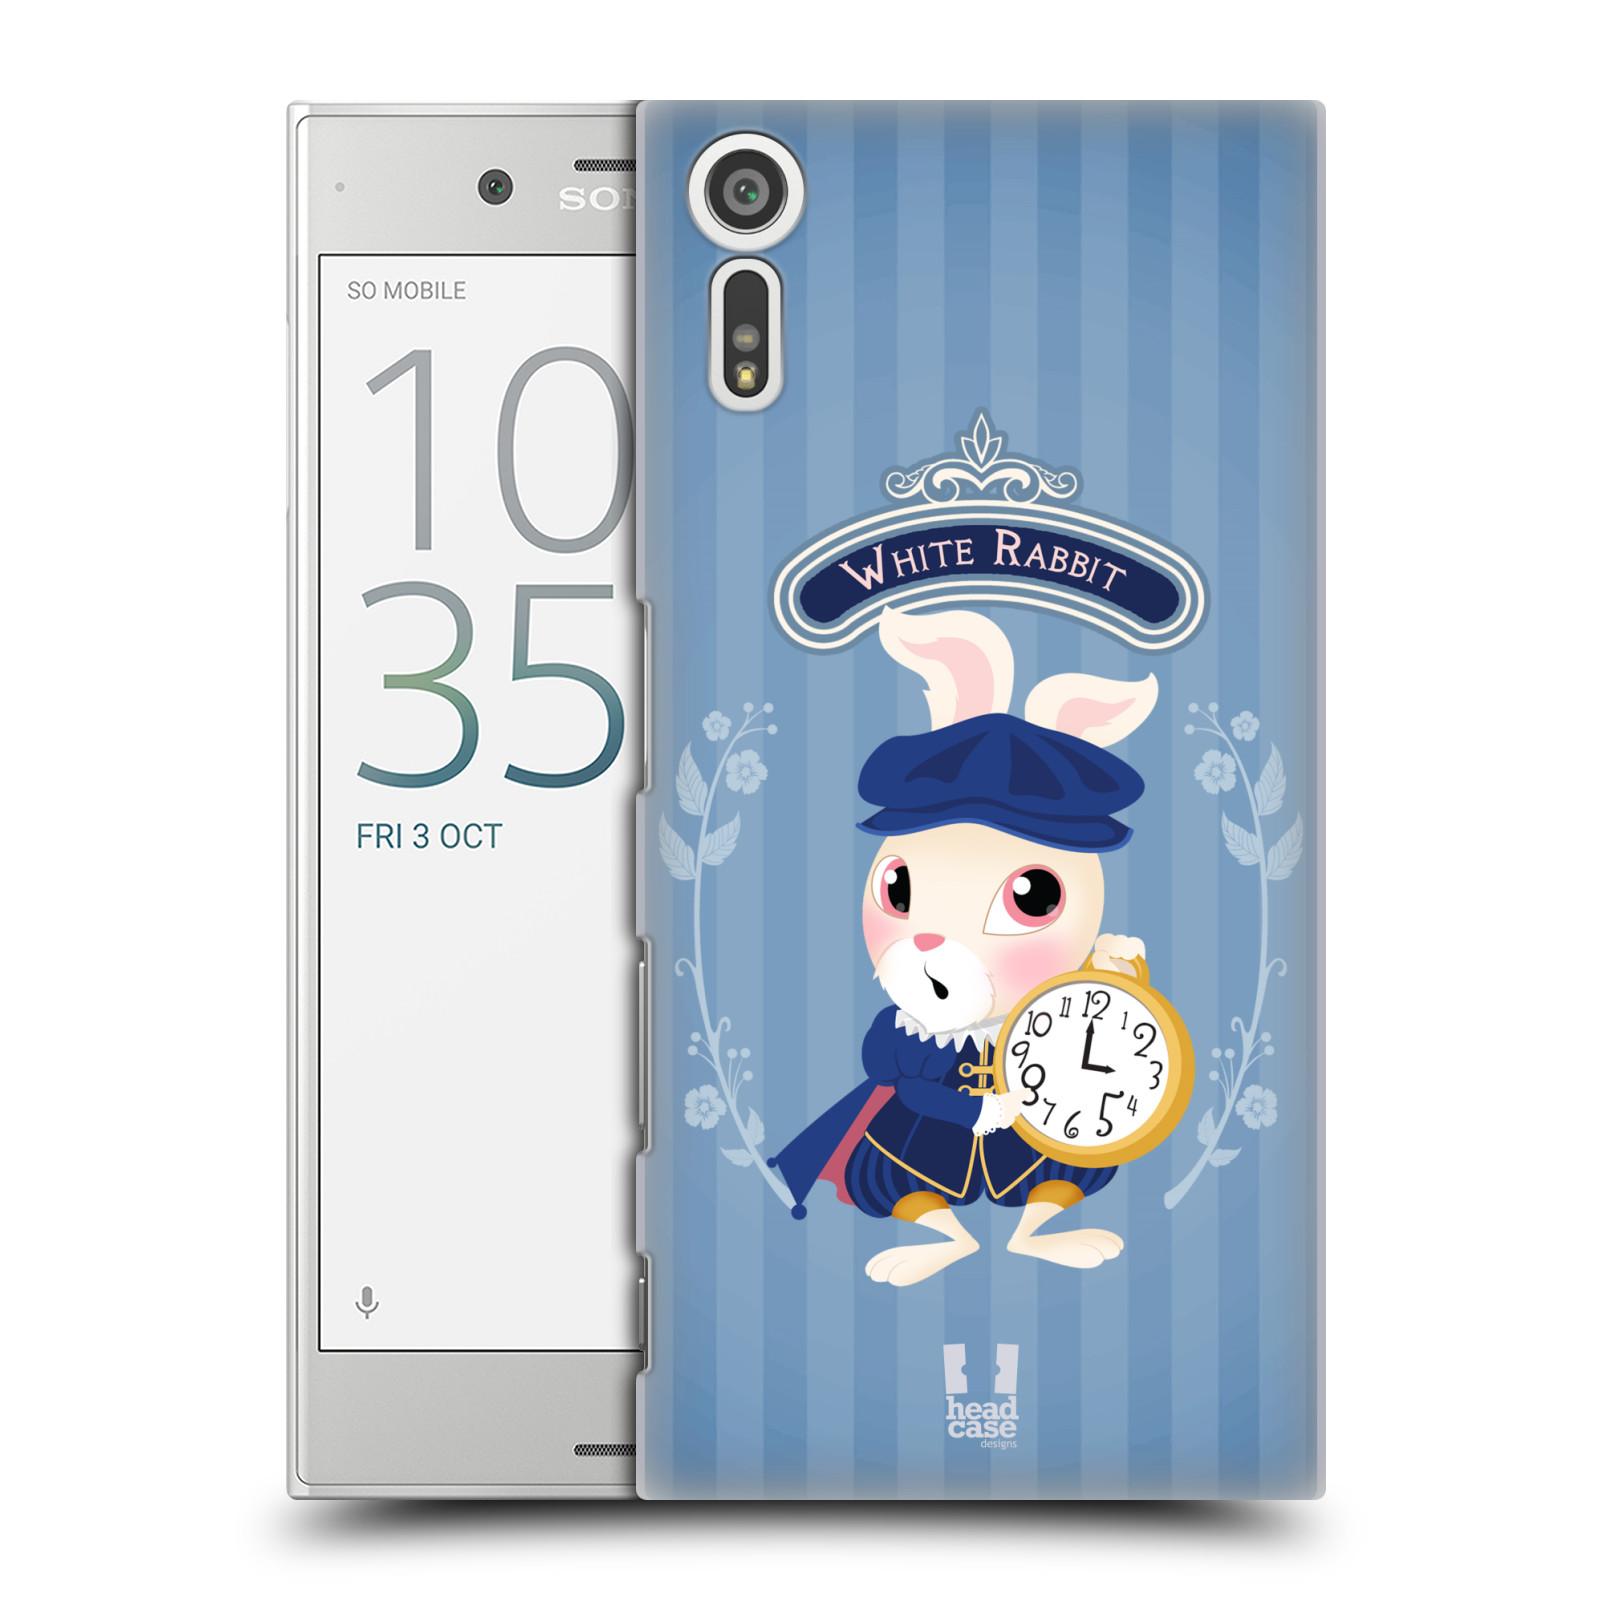 HEAD CASE plastový obal na mobil Sony Xperia XZ vzor Alenka v říši divů králíček